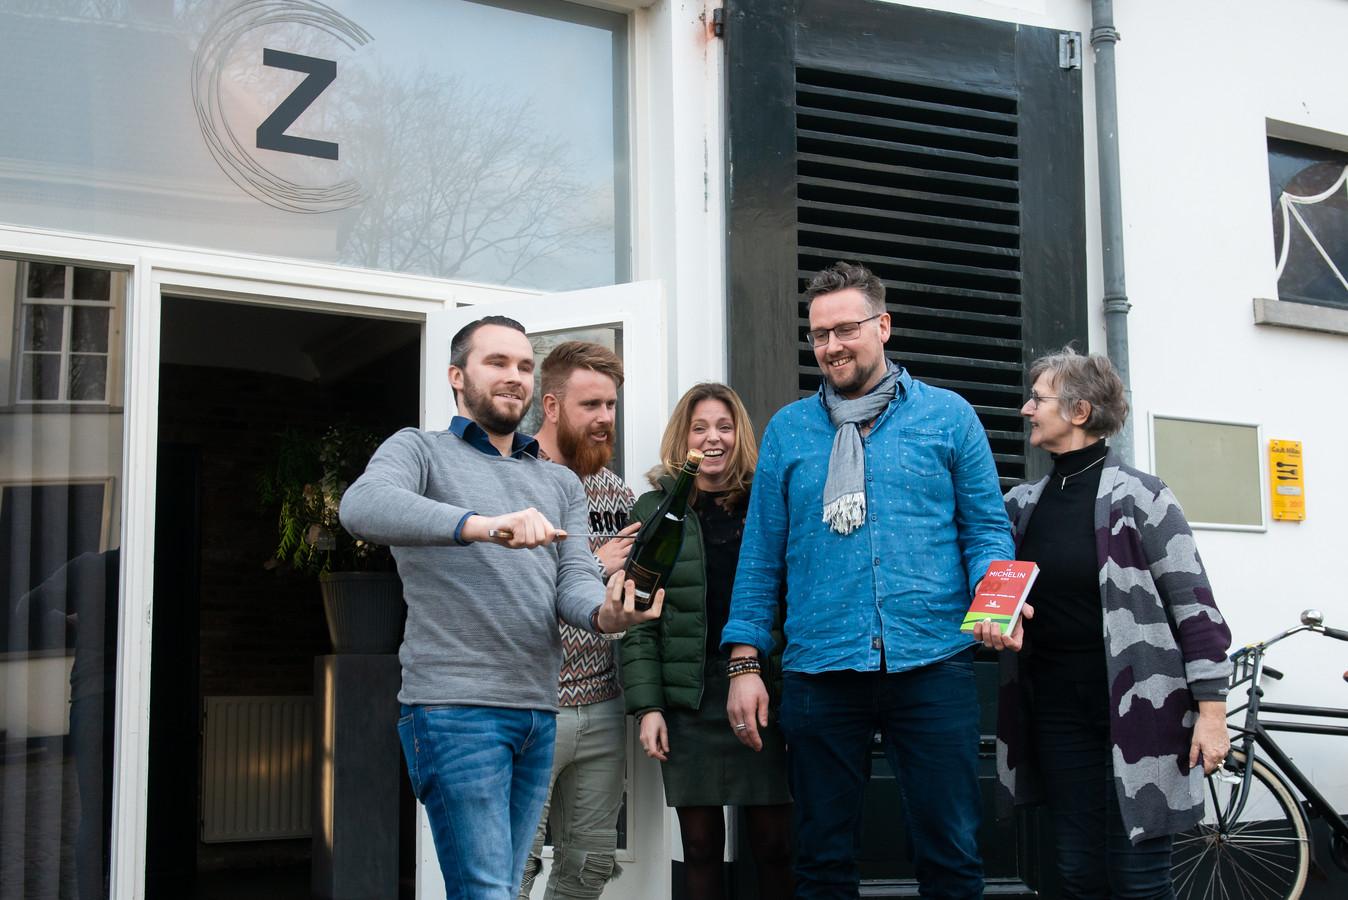 Bram en Patricia Helleman (midden) arriveerde maandagmiddag bij zijn restaurant Zout & Citroen met de Michelingids in zijn hand. De ster is een feit.